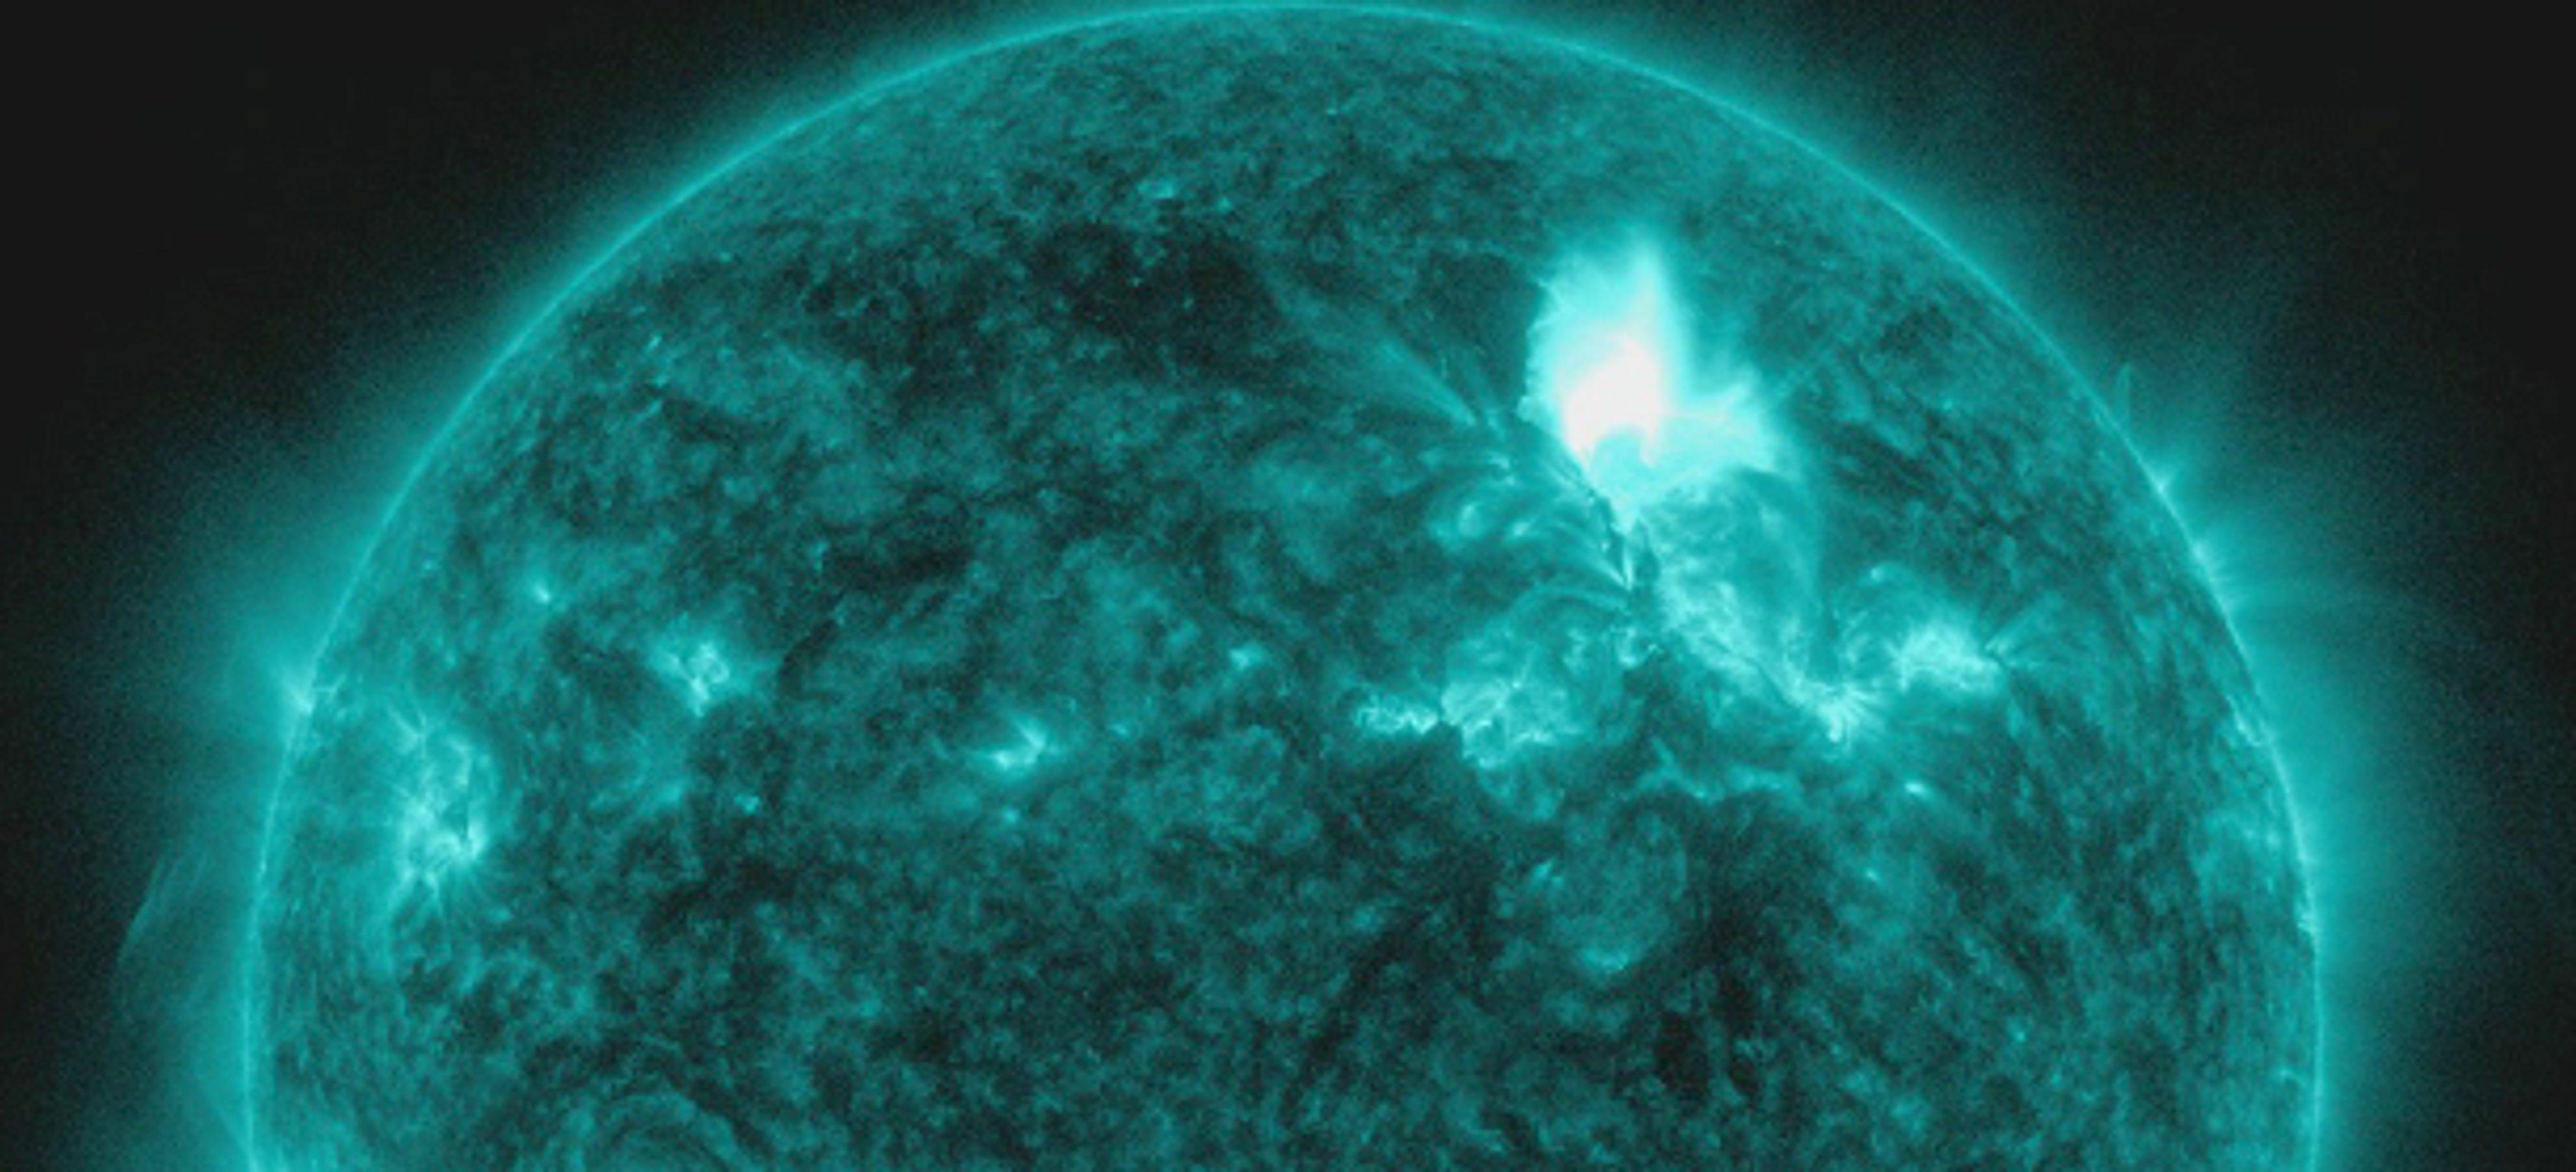 solar storm heading to earth - photo #9